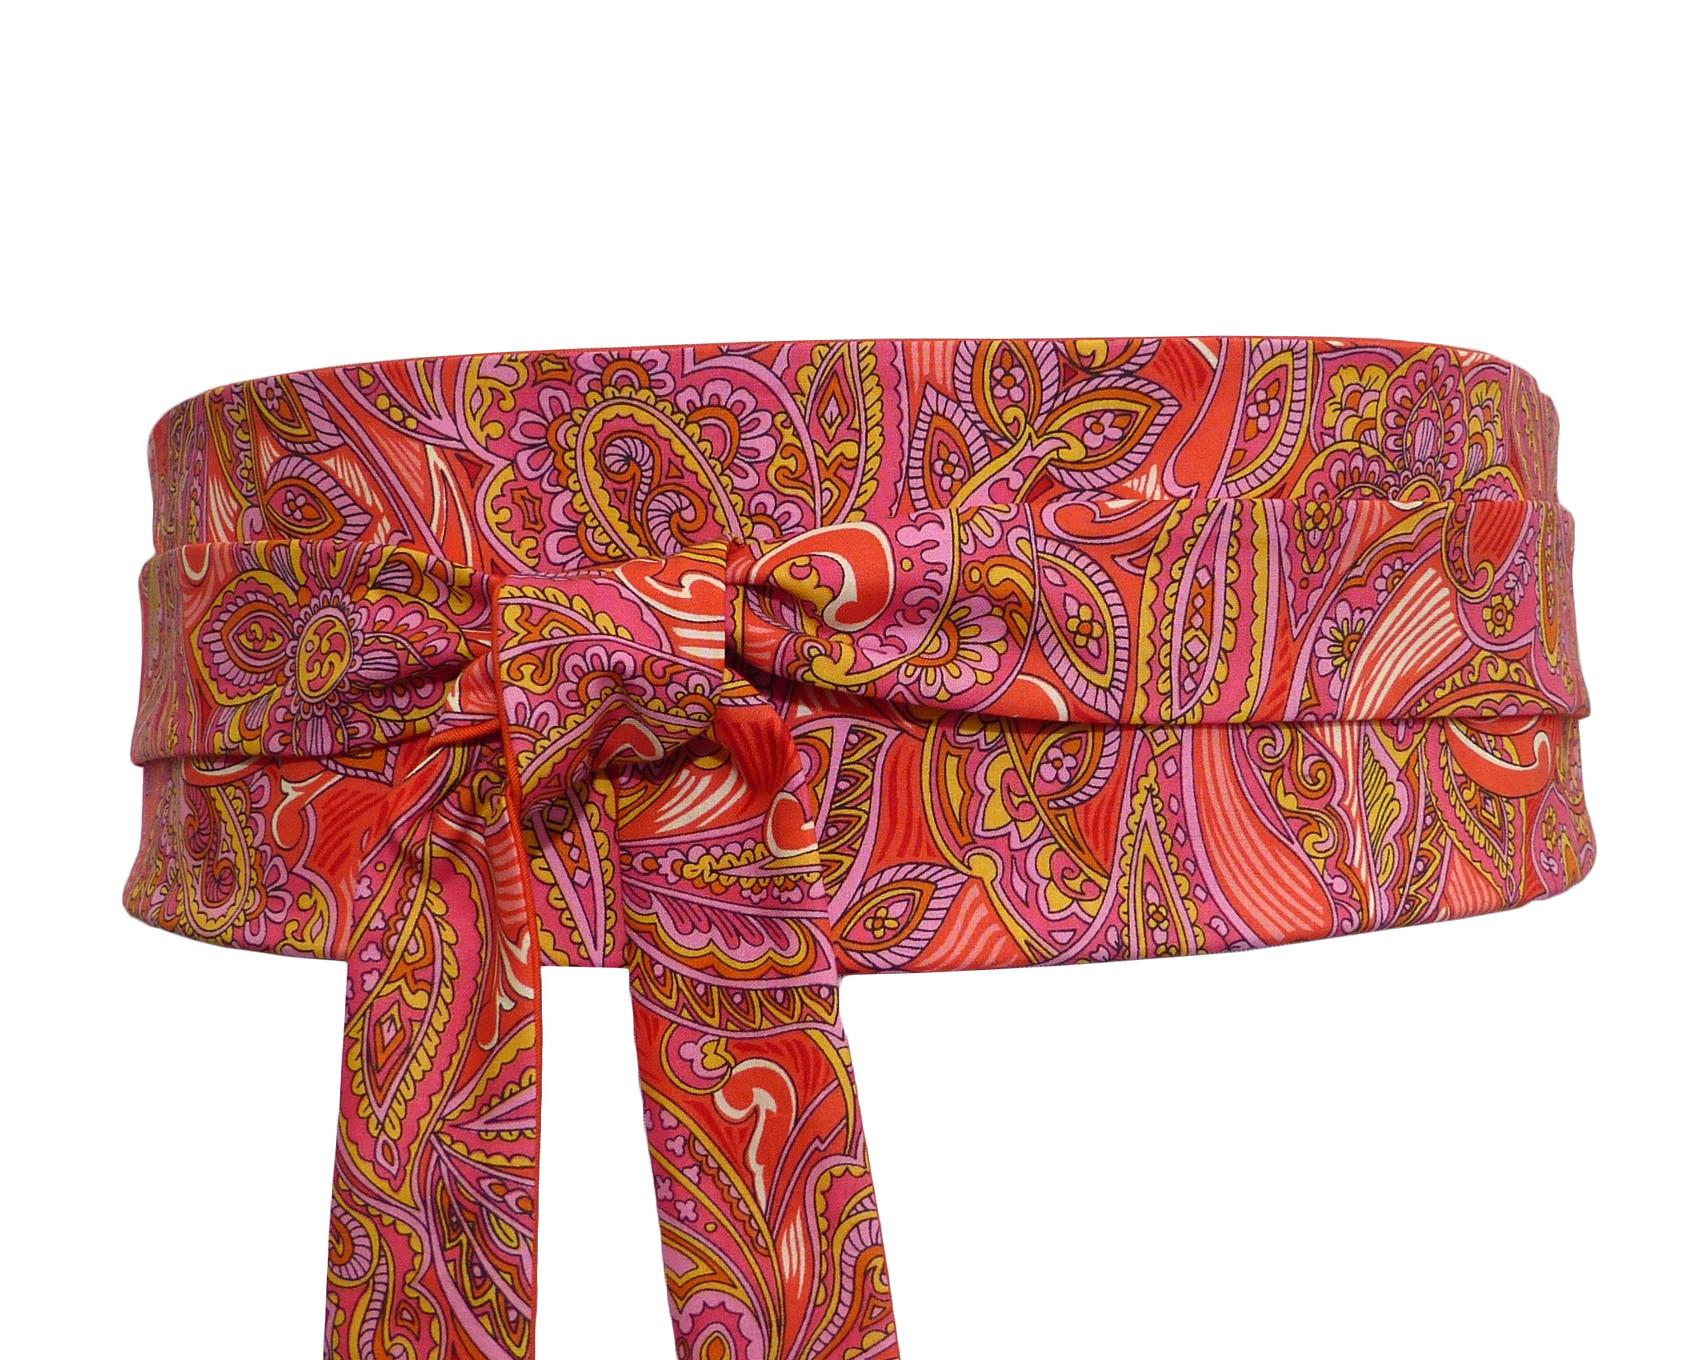 e99aaafba3d ceinture obi à nouer orange en coton à motif Paisley   cachemire rose beige